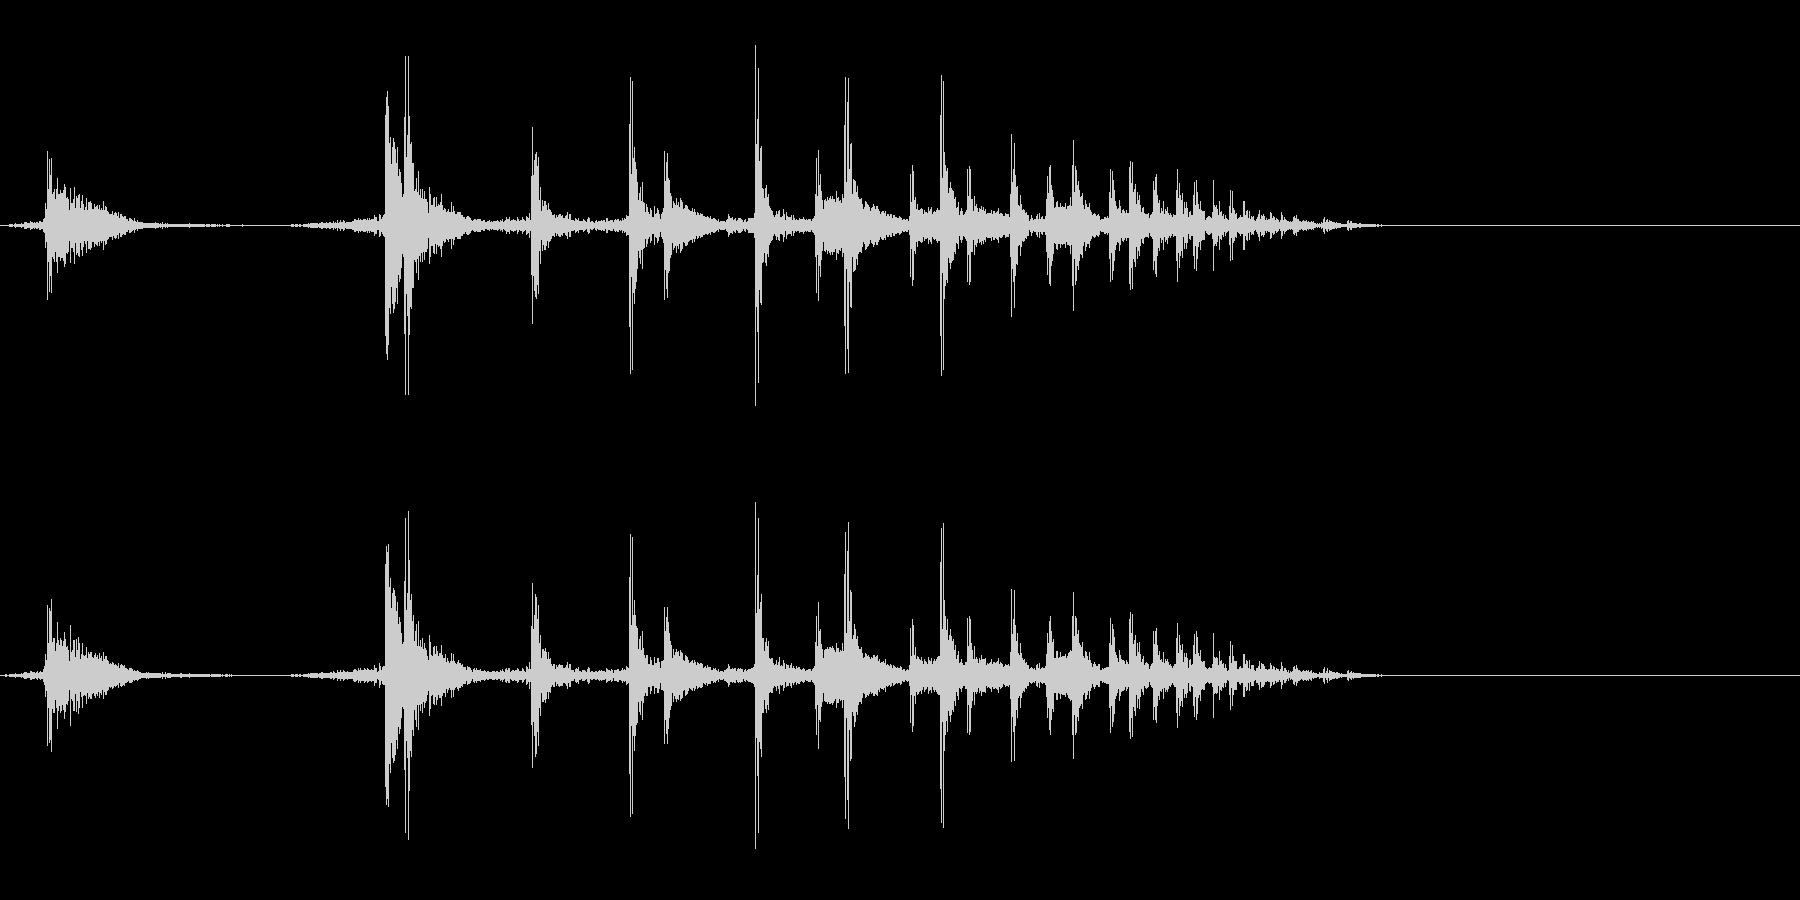 薬莢が落ちる音の未再生の波形